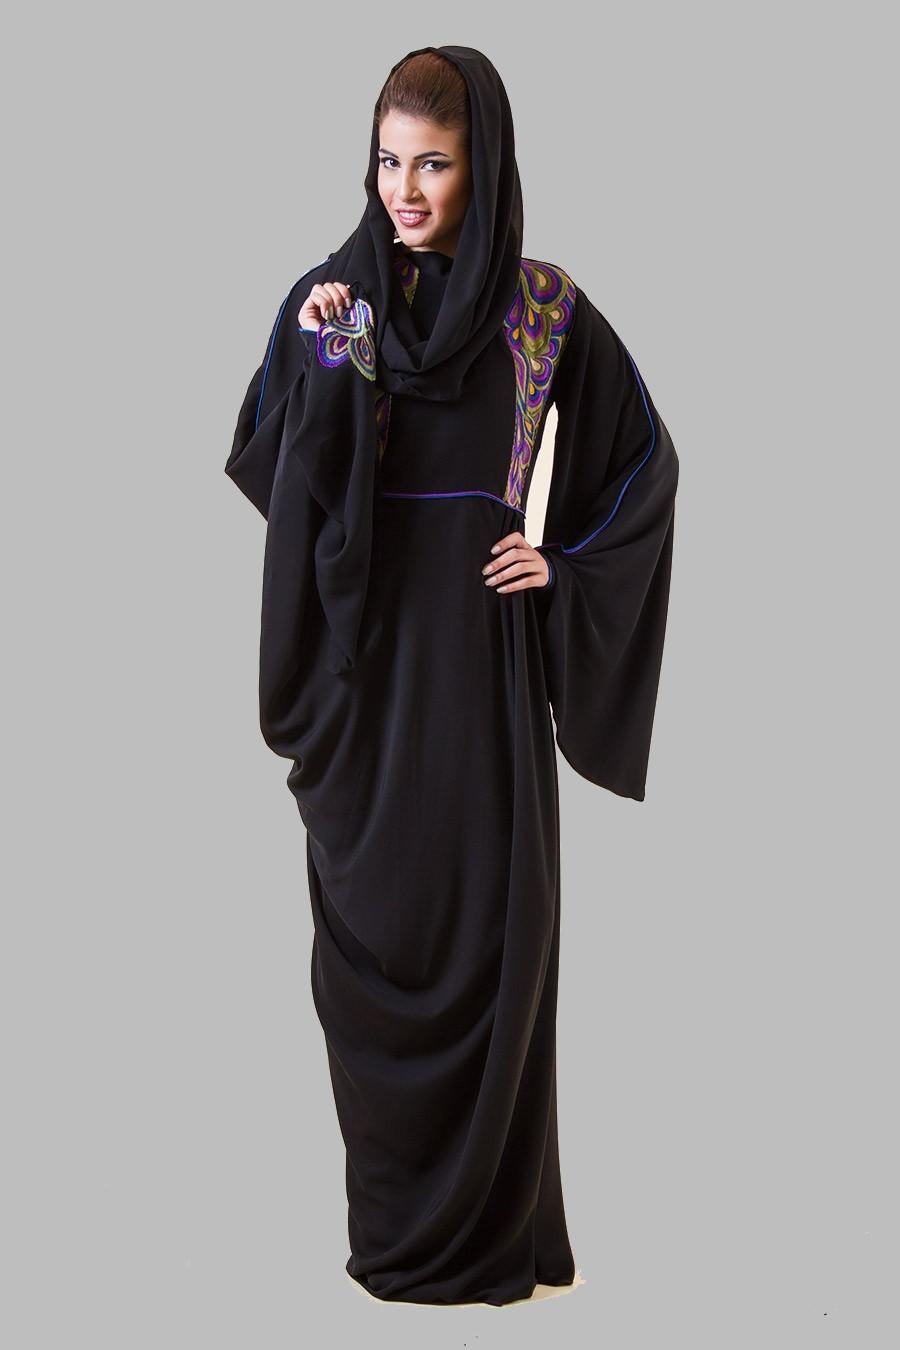 Embroidered Abaya Designs 2013   Islamic Abaya Dress Fashion 2013-14 ...